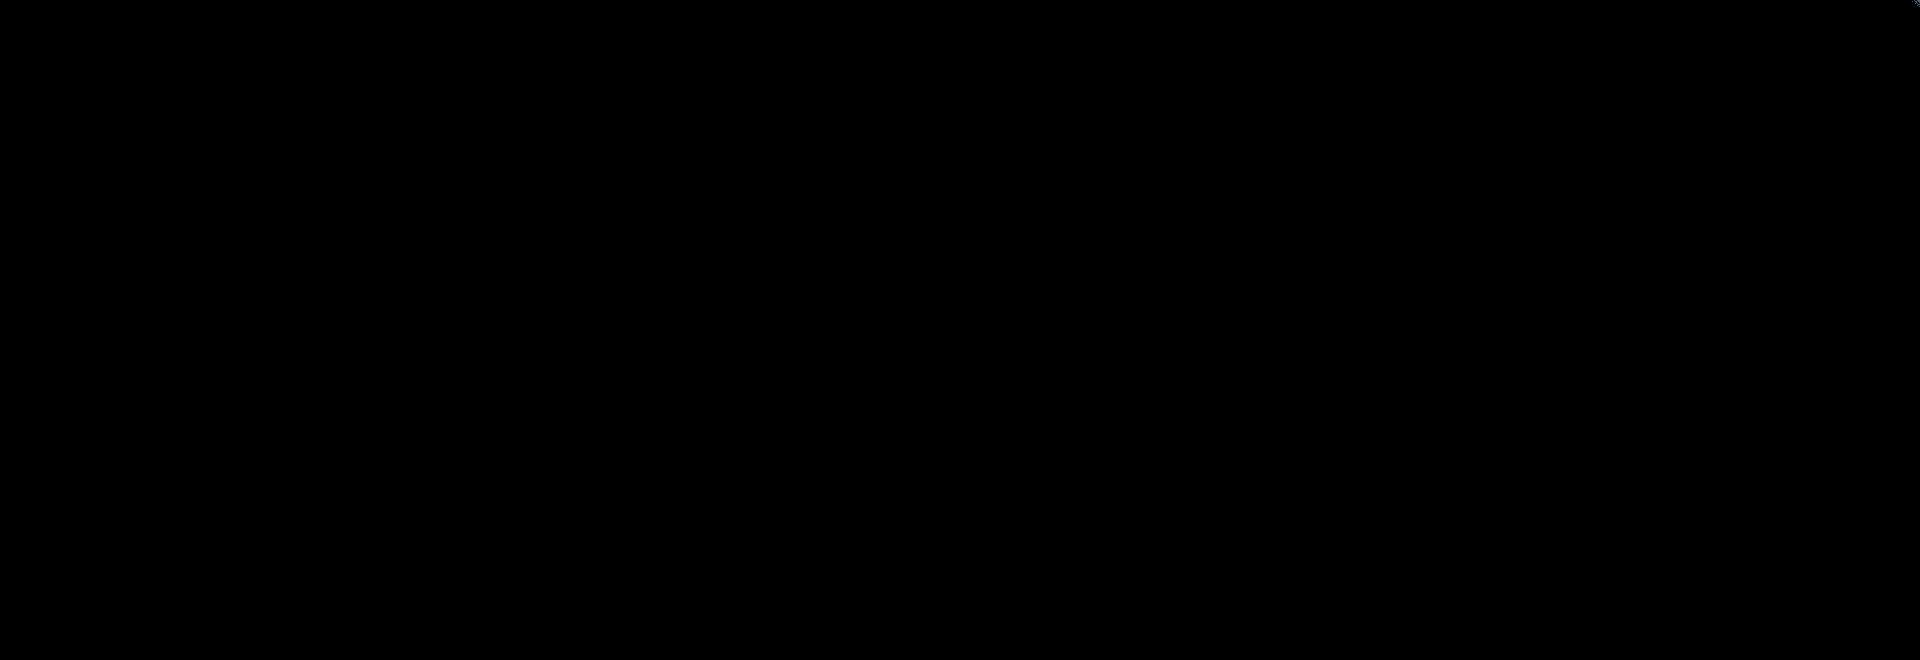 gradient_left.png (copy)